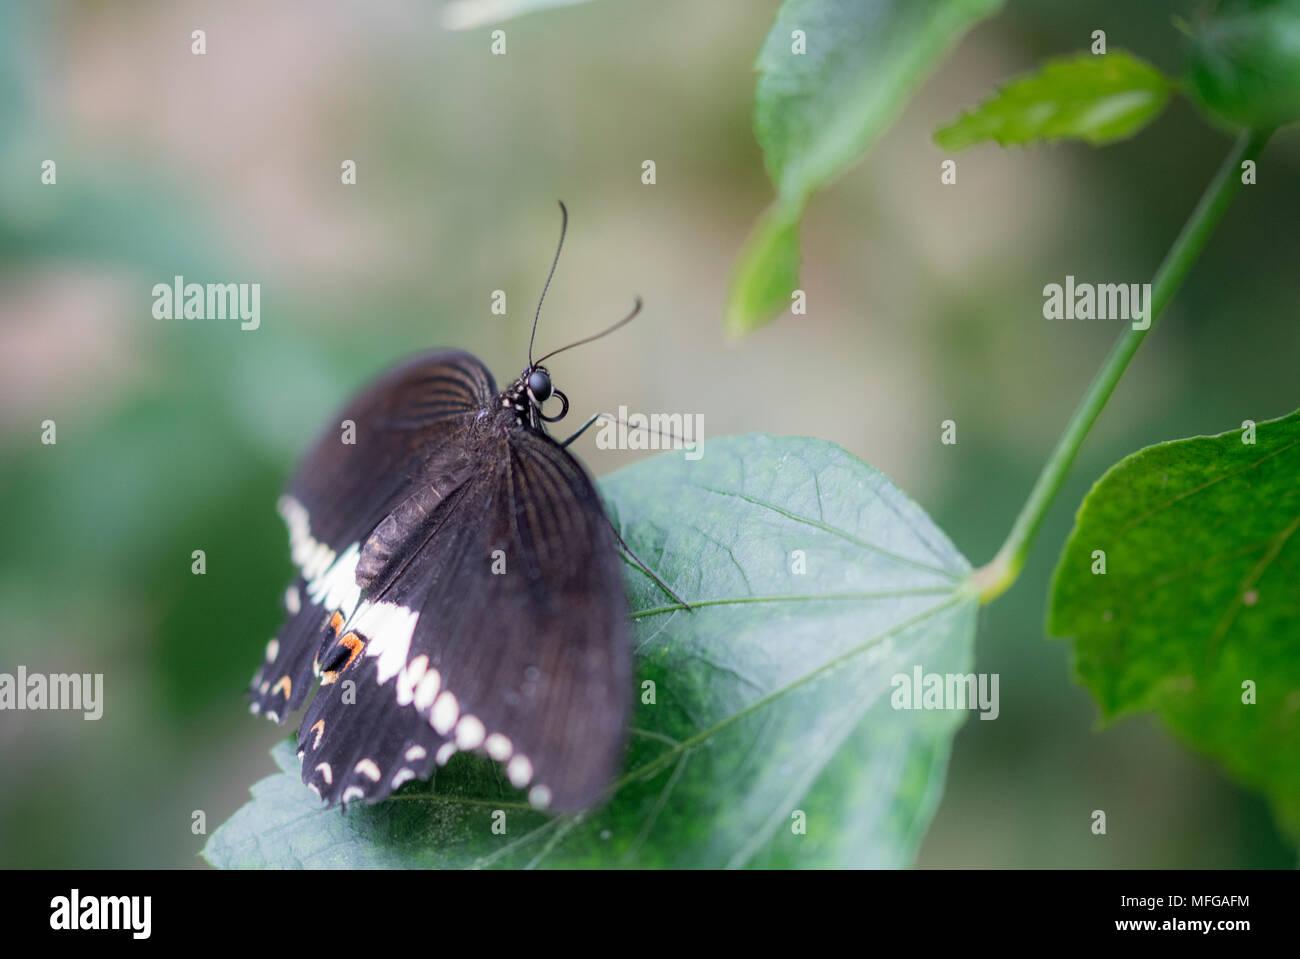 Makro Schmetterling auf Soft Focus Hintergrund Stockbild